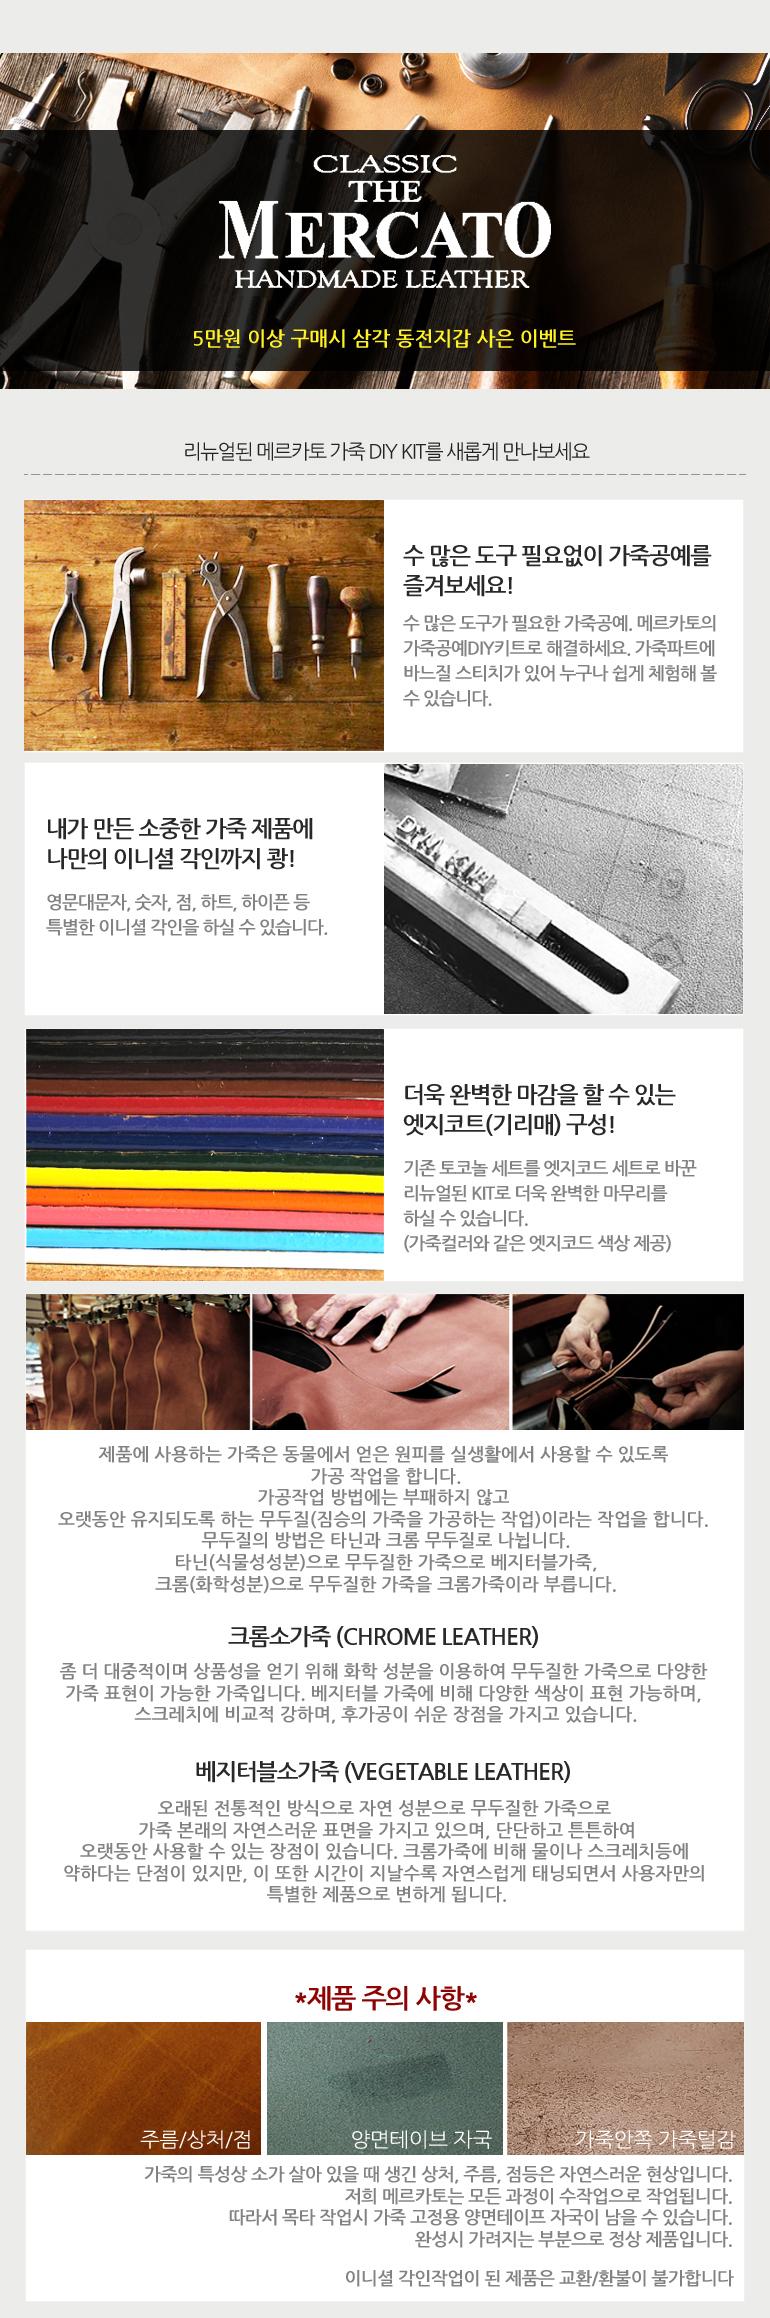 메르카토 - 심플롱지갑만들기 가죽공예DIY - 메르카토, 21,900원, 가죽공예, 가죽공예 패키지